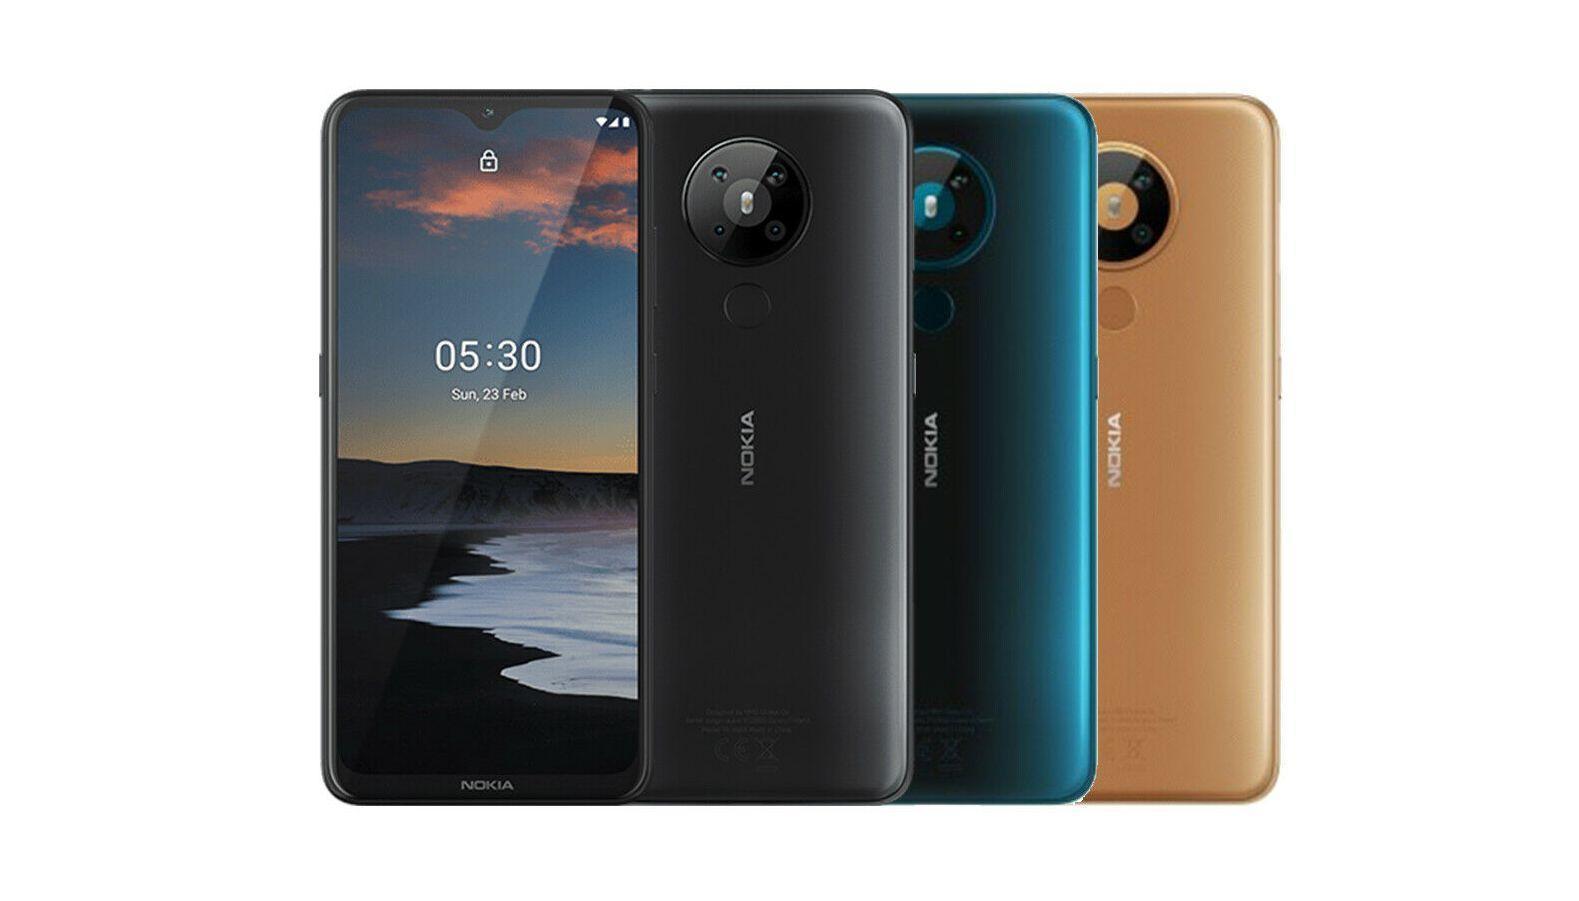 Nokia представила сразу два новых бюджетных смартфона (nokia 5.3)